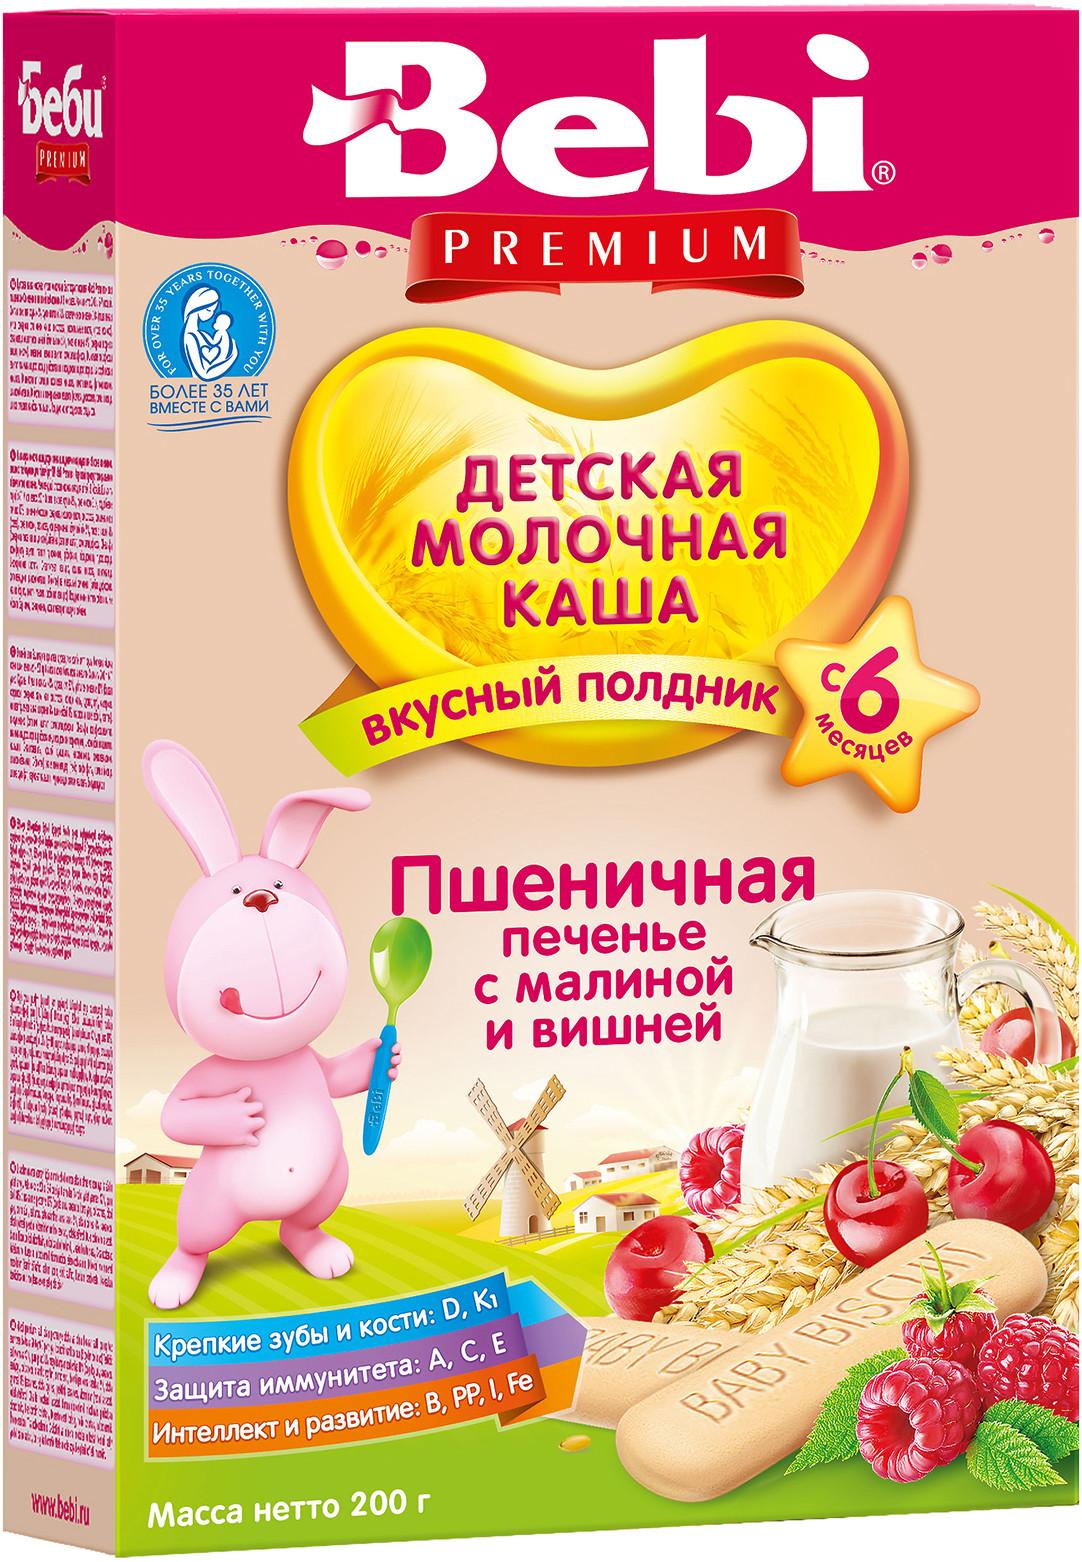 Фото Молочные Bebi Каша молочная Bebi Premium пшеничная печенье с малиной и вишней для полдника с 6 мес. 200 г